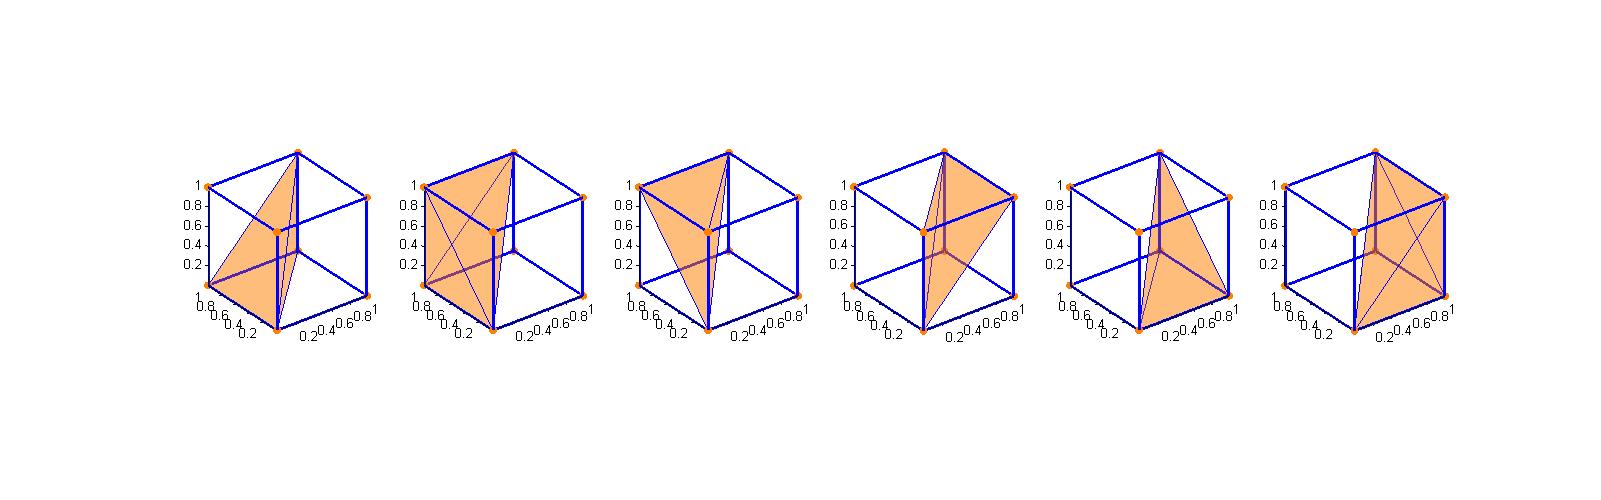 Divide_hypercube_6_simplices_3d_01